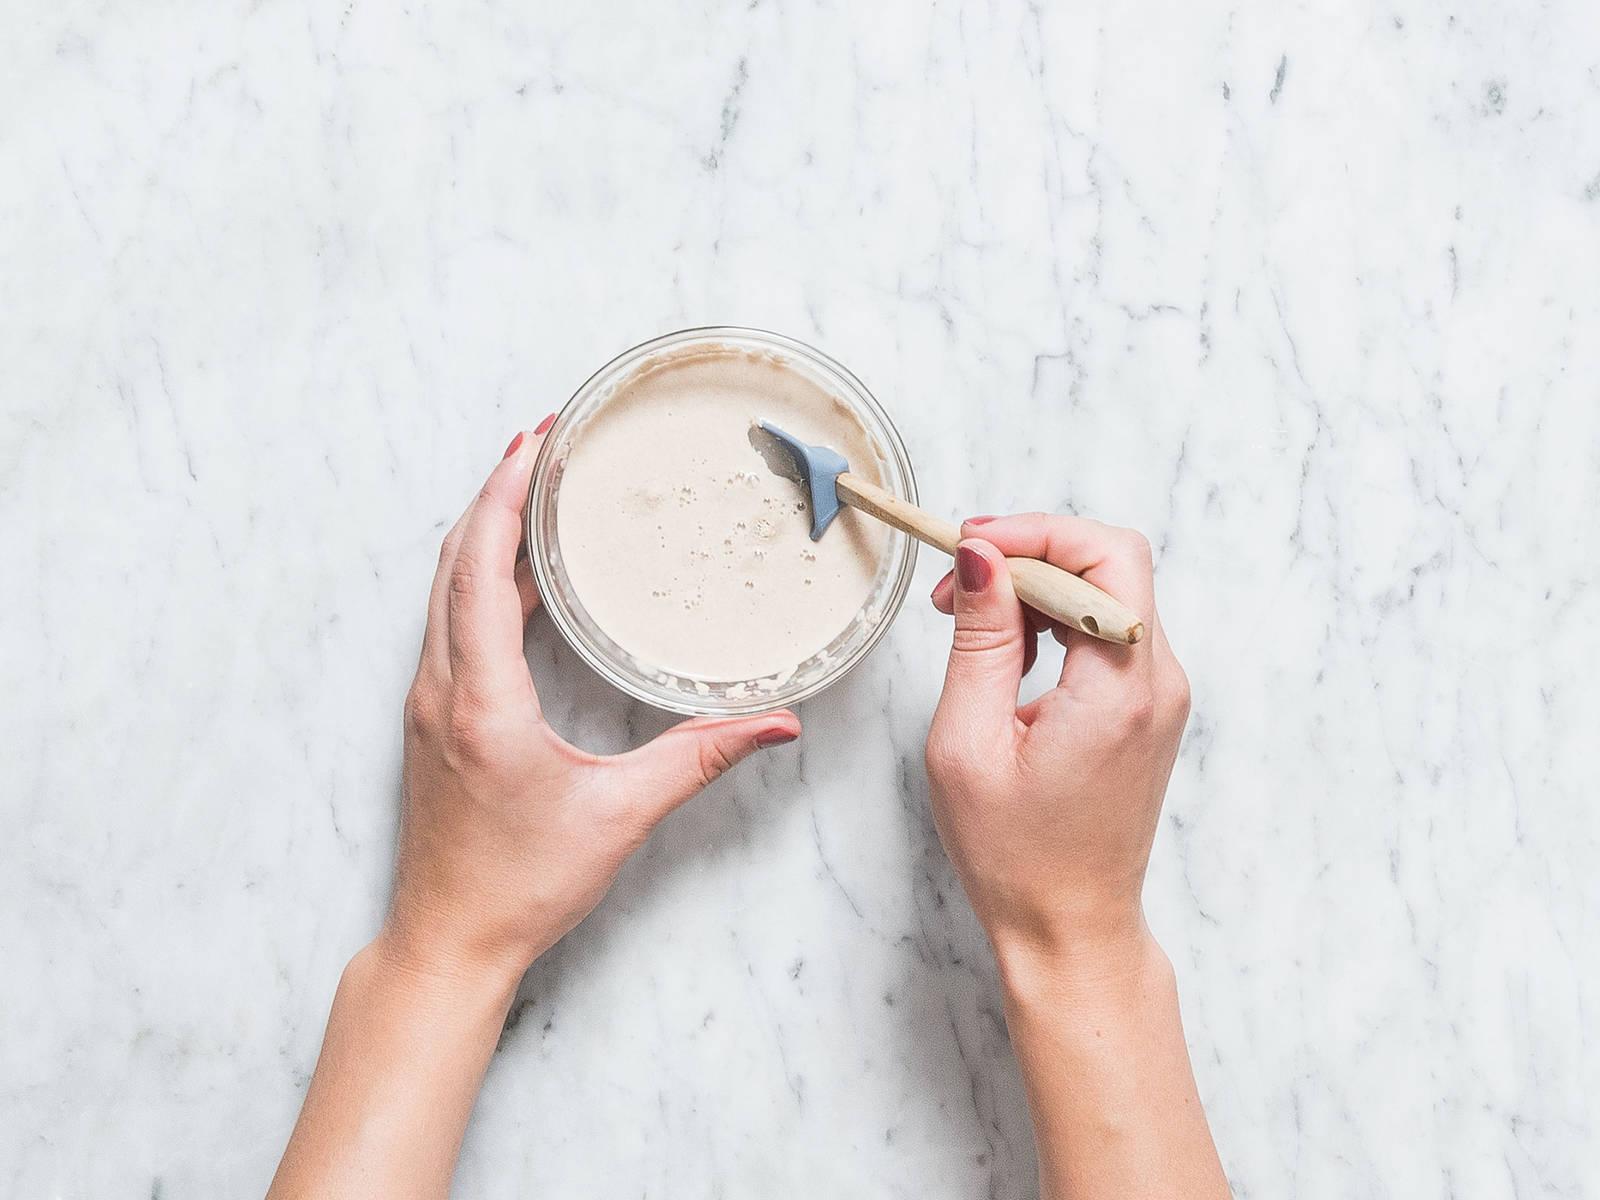 在一个小碗中,混合酵母、温水和些许糖,稍微搅拌。静置5分钟,直至水面出现泡沫。在另一个小搅拌碗中,搅拌混合些许鸡蛋和油。